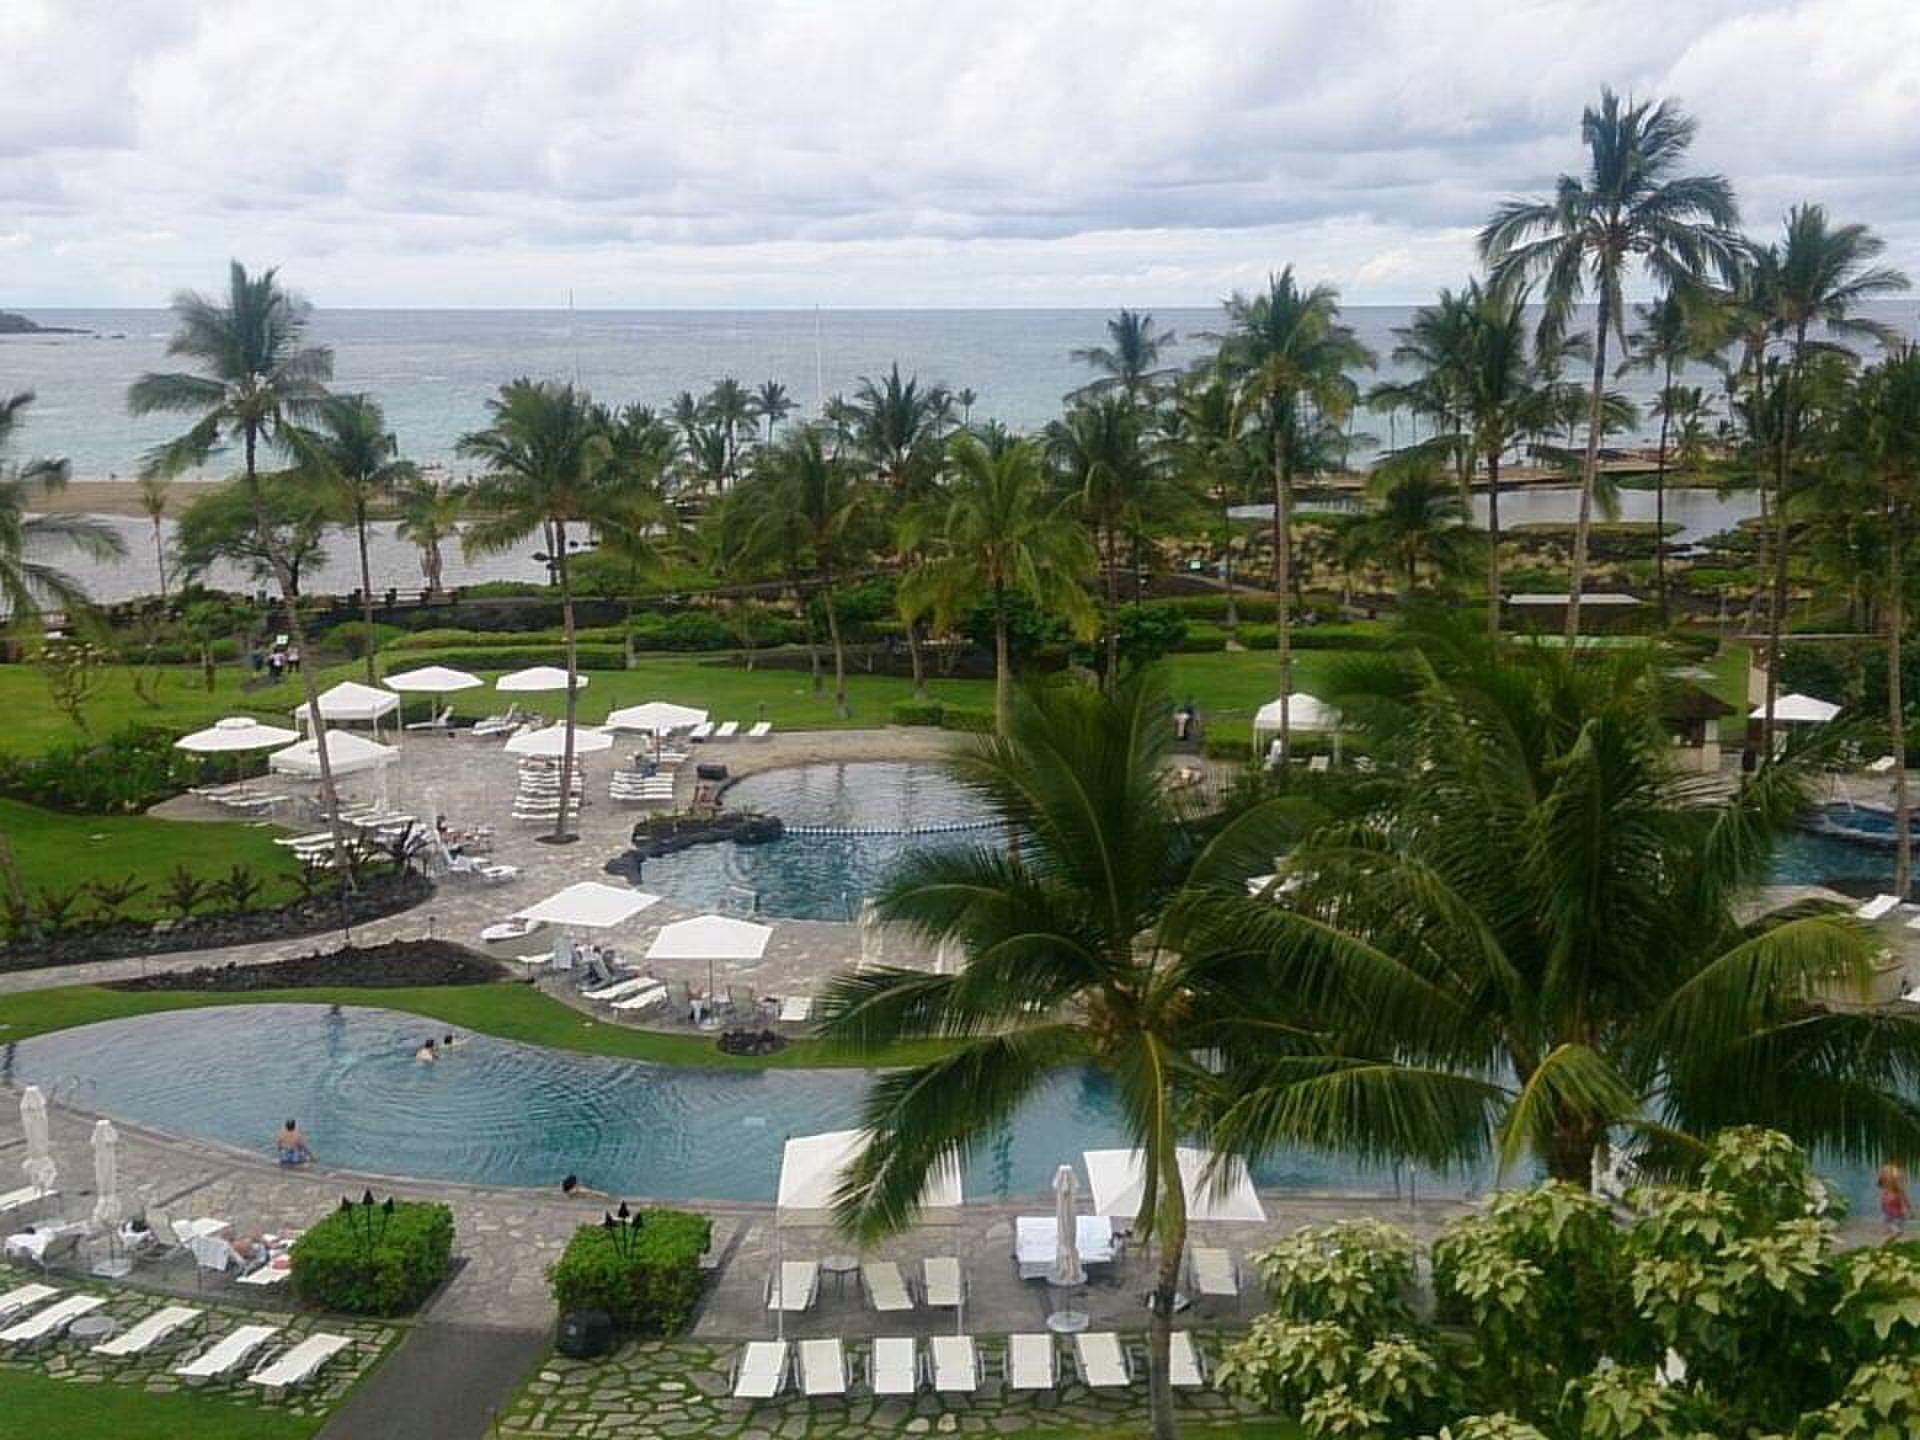 ハワイ島で泊まるならここ!人気のワイコロア・ビーチ・マリオット・リゾート&スパに泊まってみた